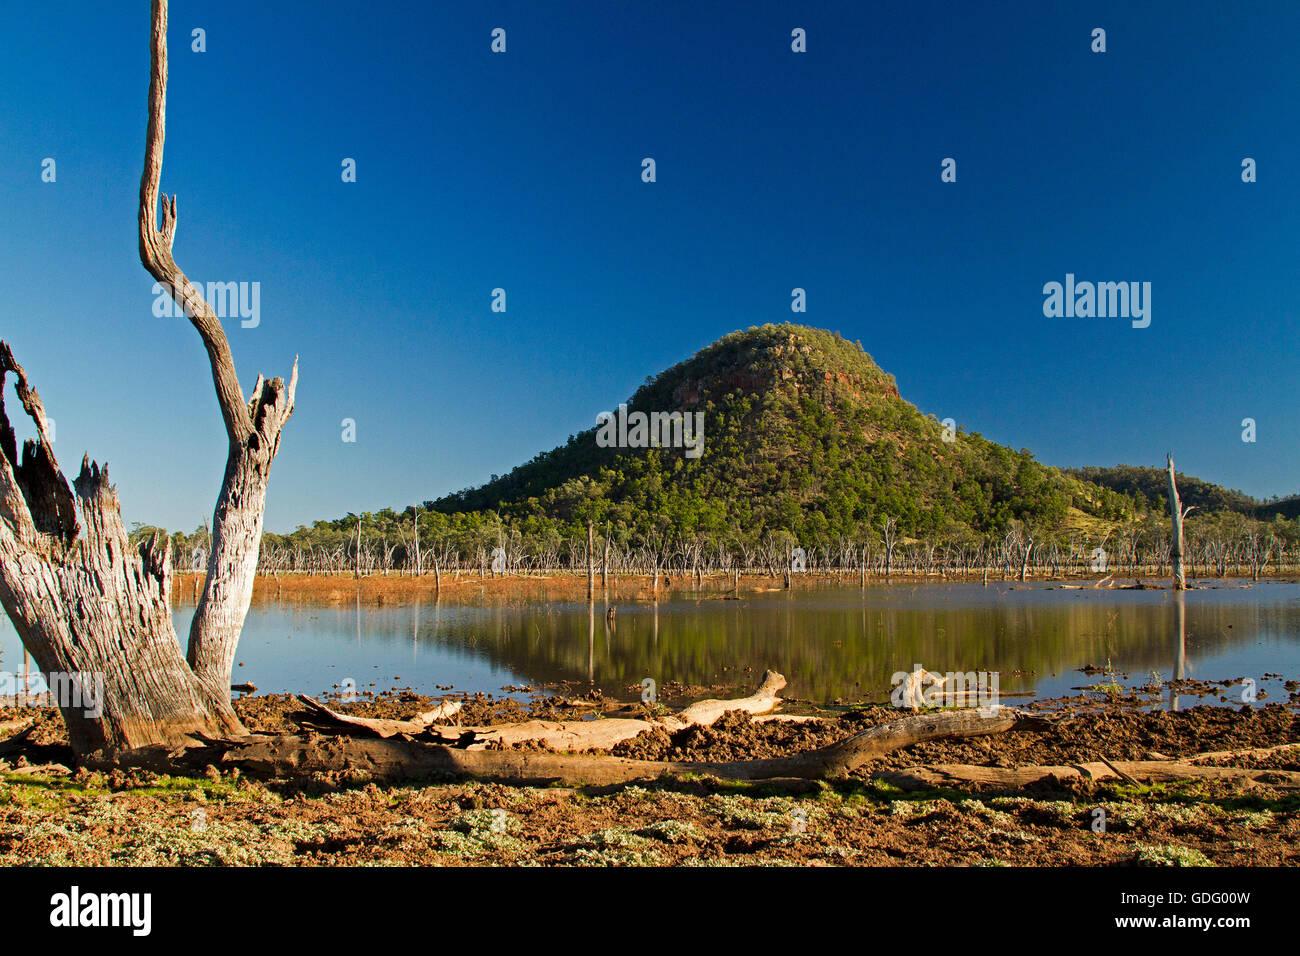 Lago con bosques Nuga Nuga colina cónica se refleja en la superficie del espejo de agua azul bajo un cielo Imagen De Stock